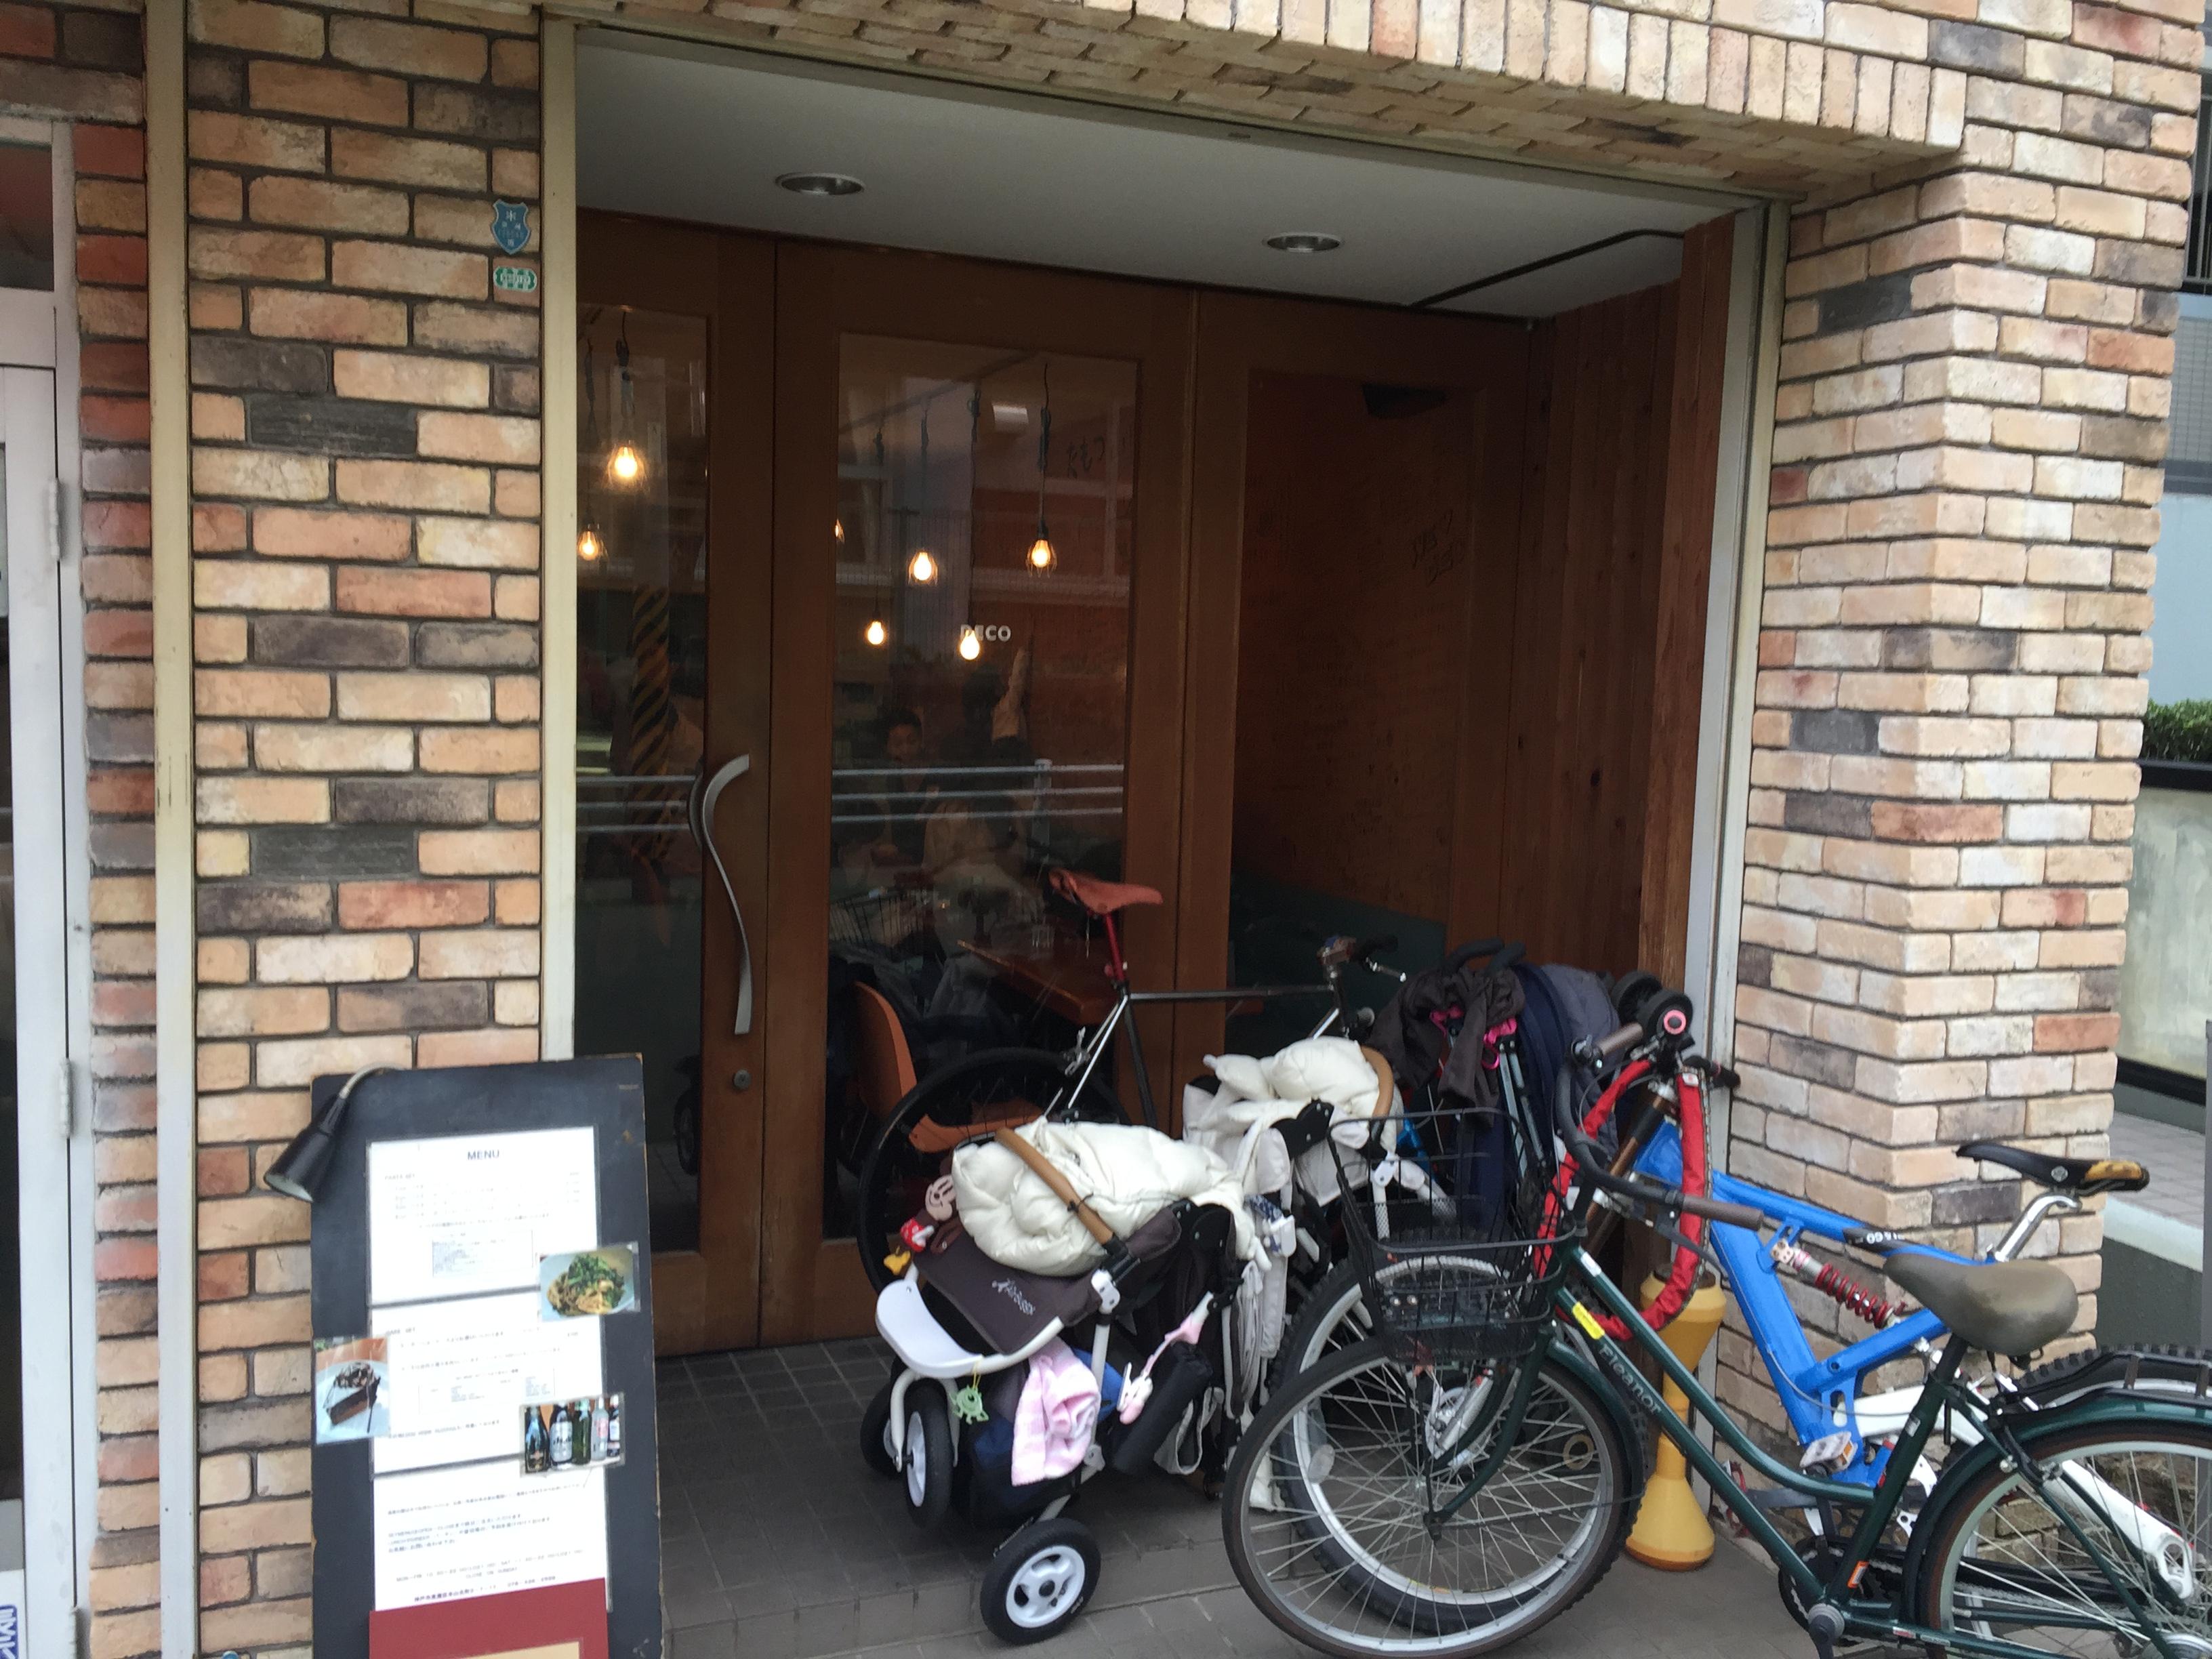 神戸・岡本の「DECO(デコ)cafe」が12月25日で閉店するよ【閉店お知らせ】